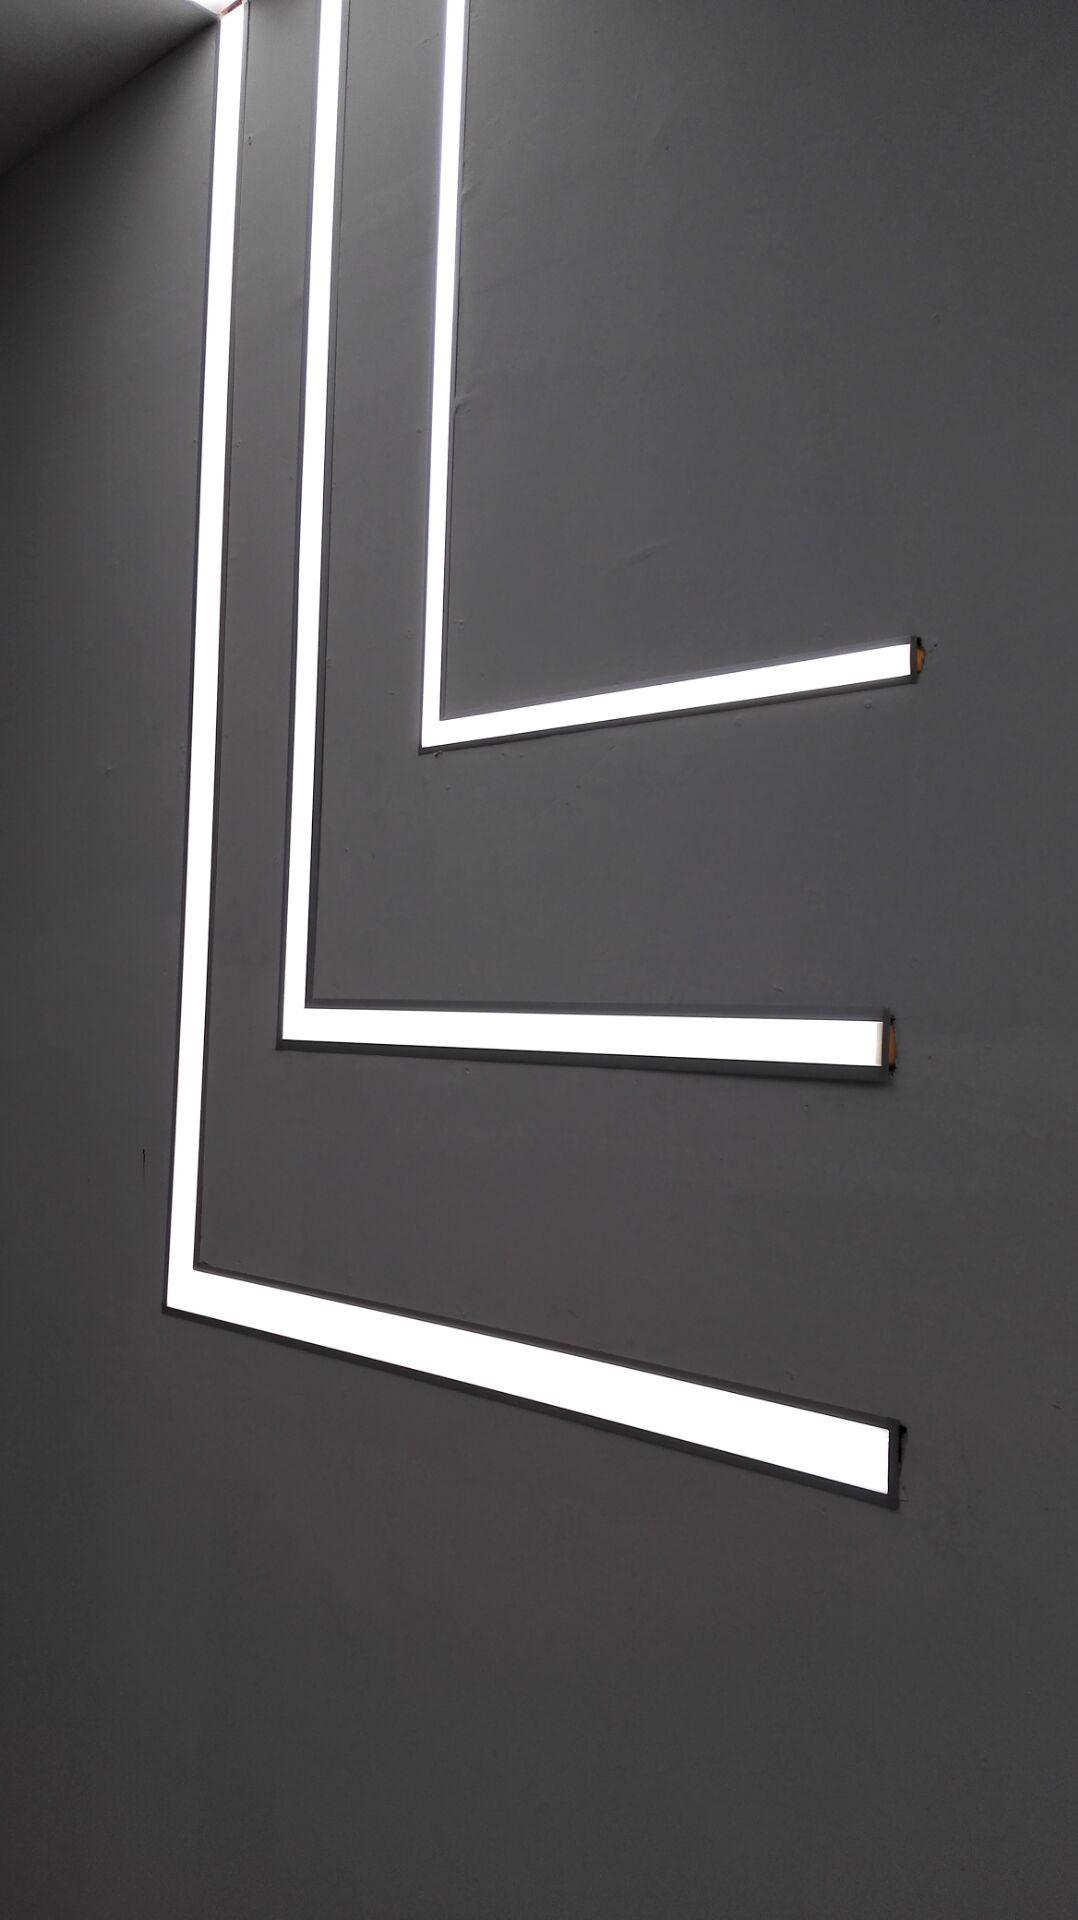 Living Room Led Strip Lighting